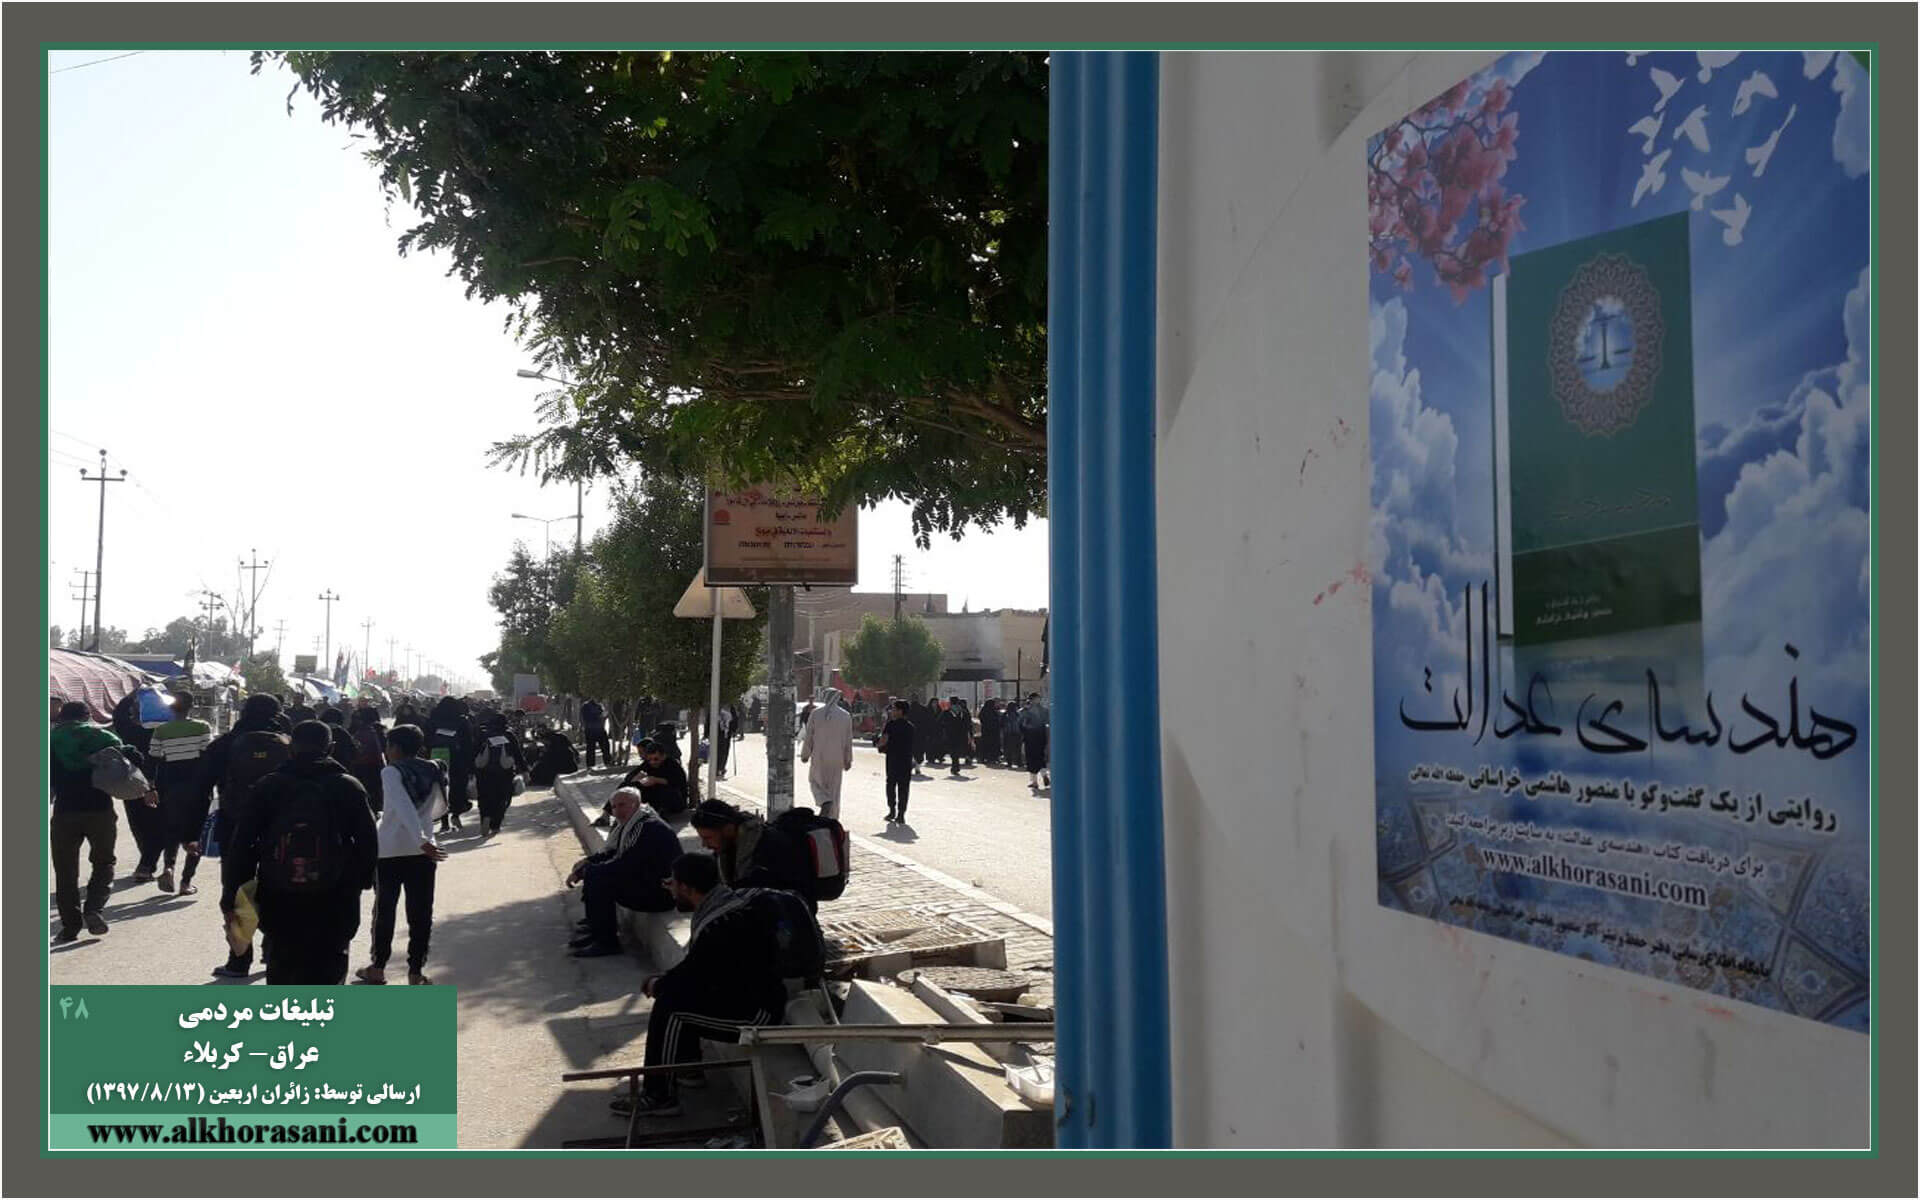 تبلیغات مردمی هندسهی عدالت کربلاء عراق